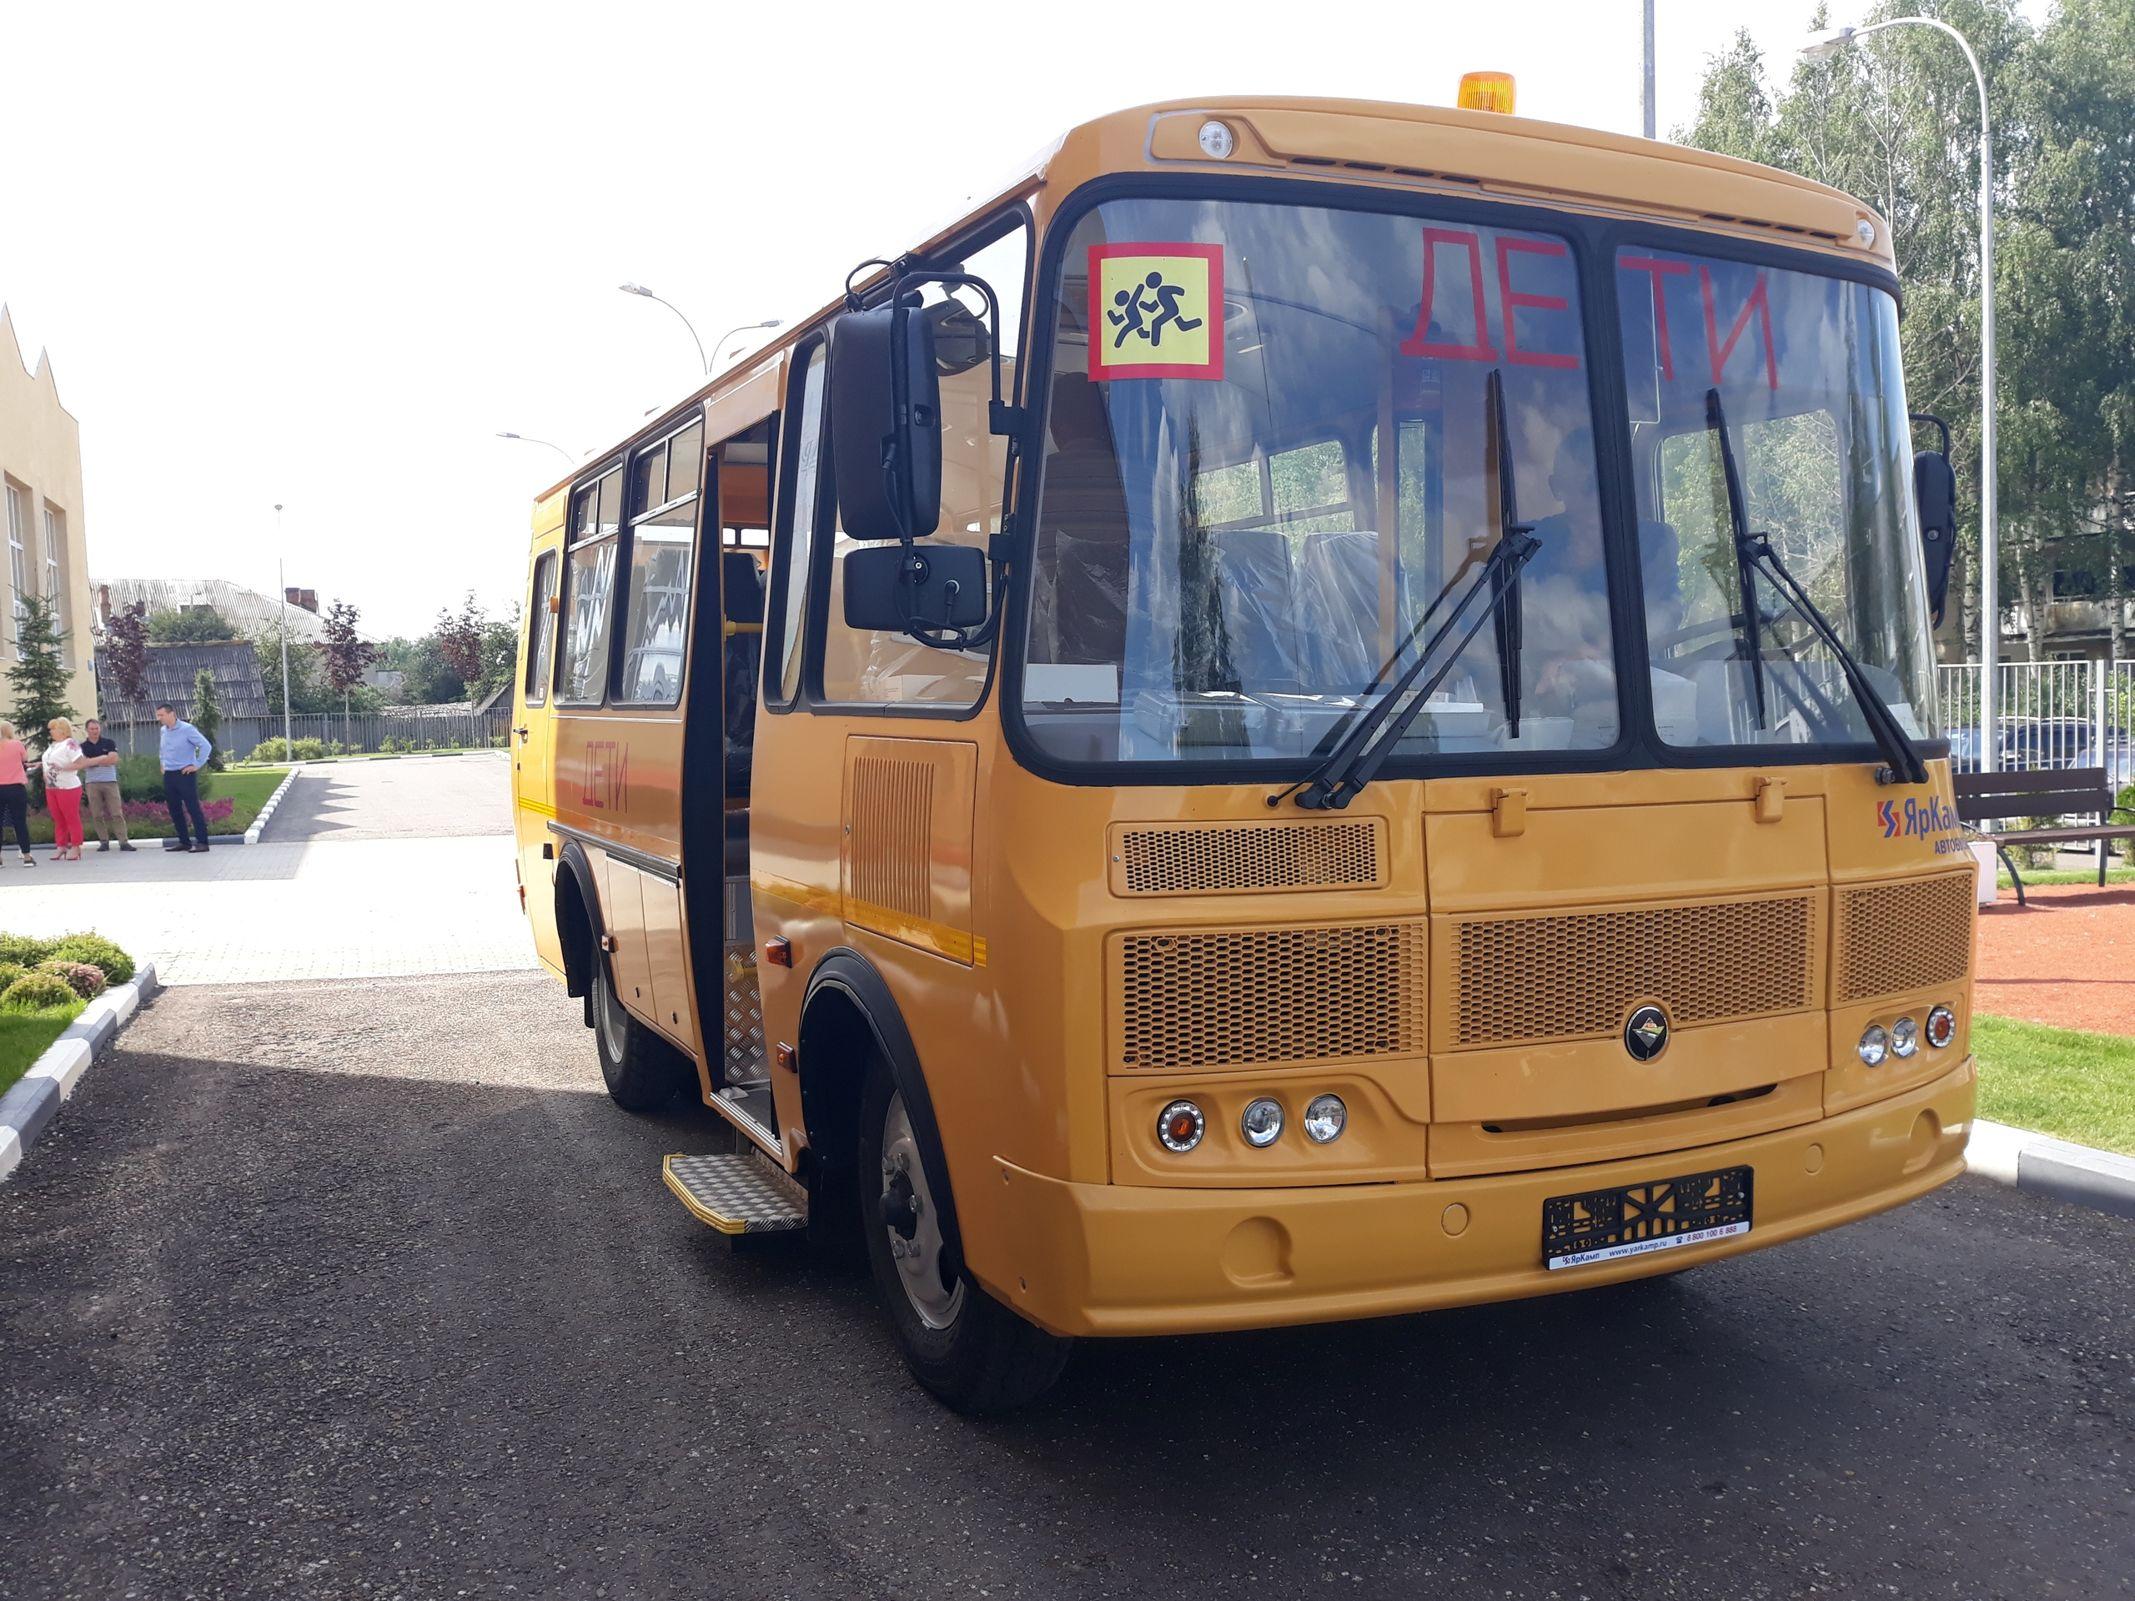 Для четырех районов Ярославской области приобрели новые школьные автобусы – Миронов